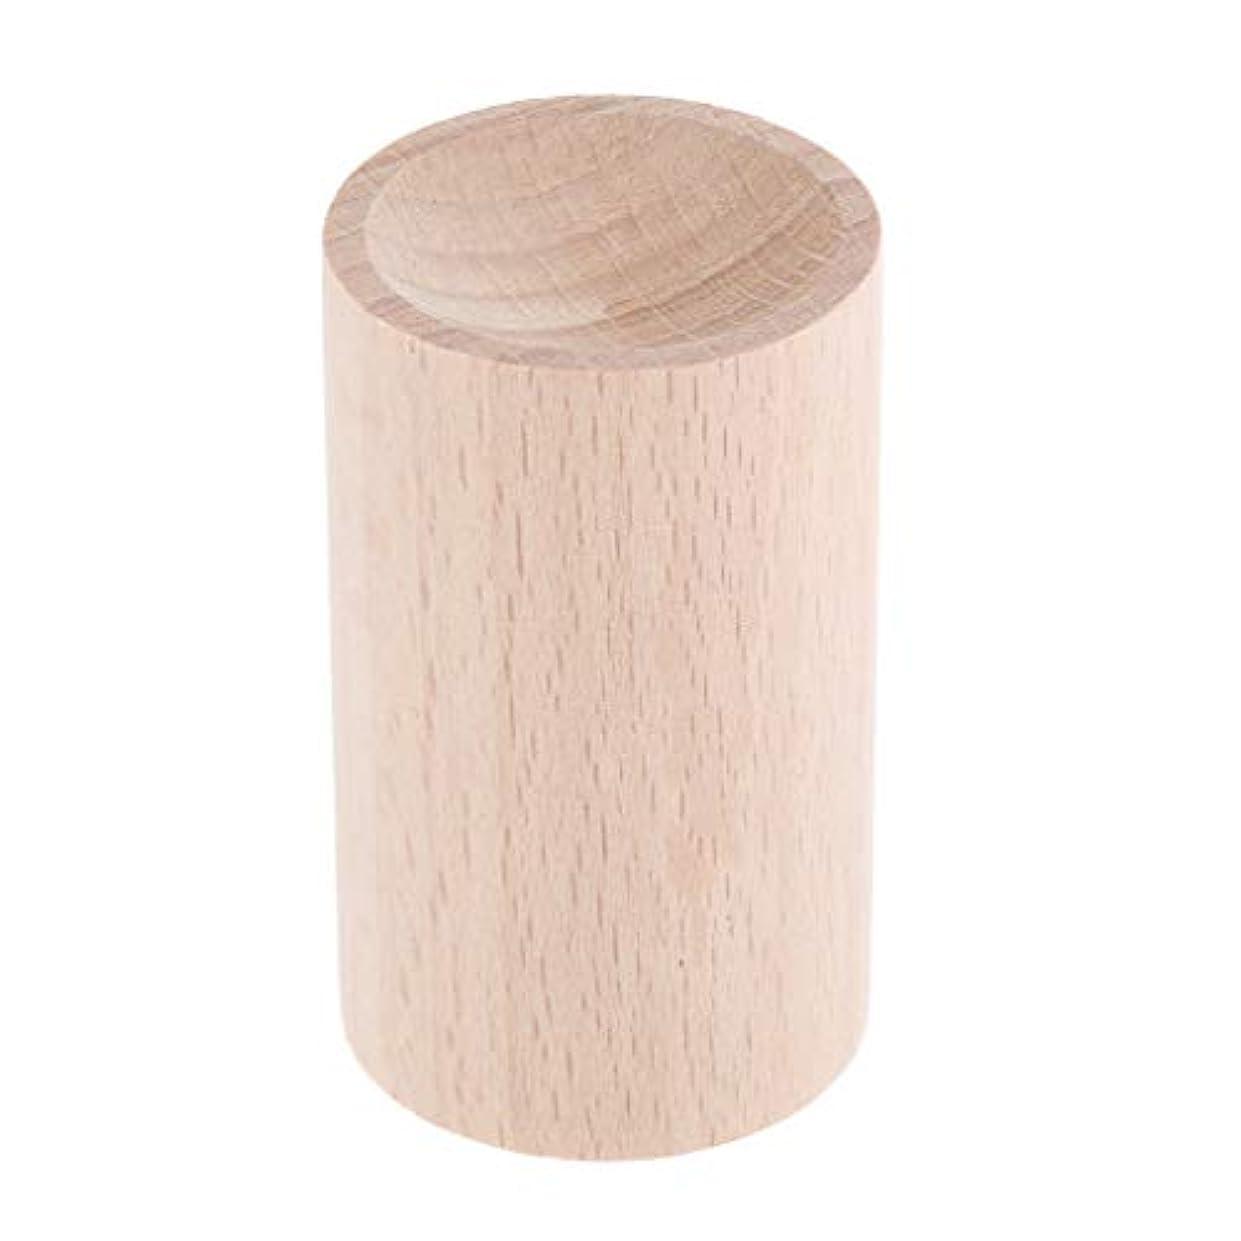 アミューズ師匠柔らかさD DOLITY 天然木 ハンドメイド 手作り 空気清浄 エッセンシャルオイル 香水 アロマディフューザー 2種選ぶ - 01, 3.2cm